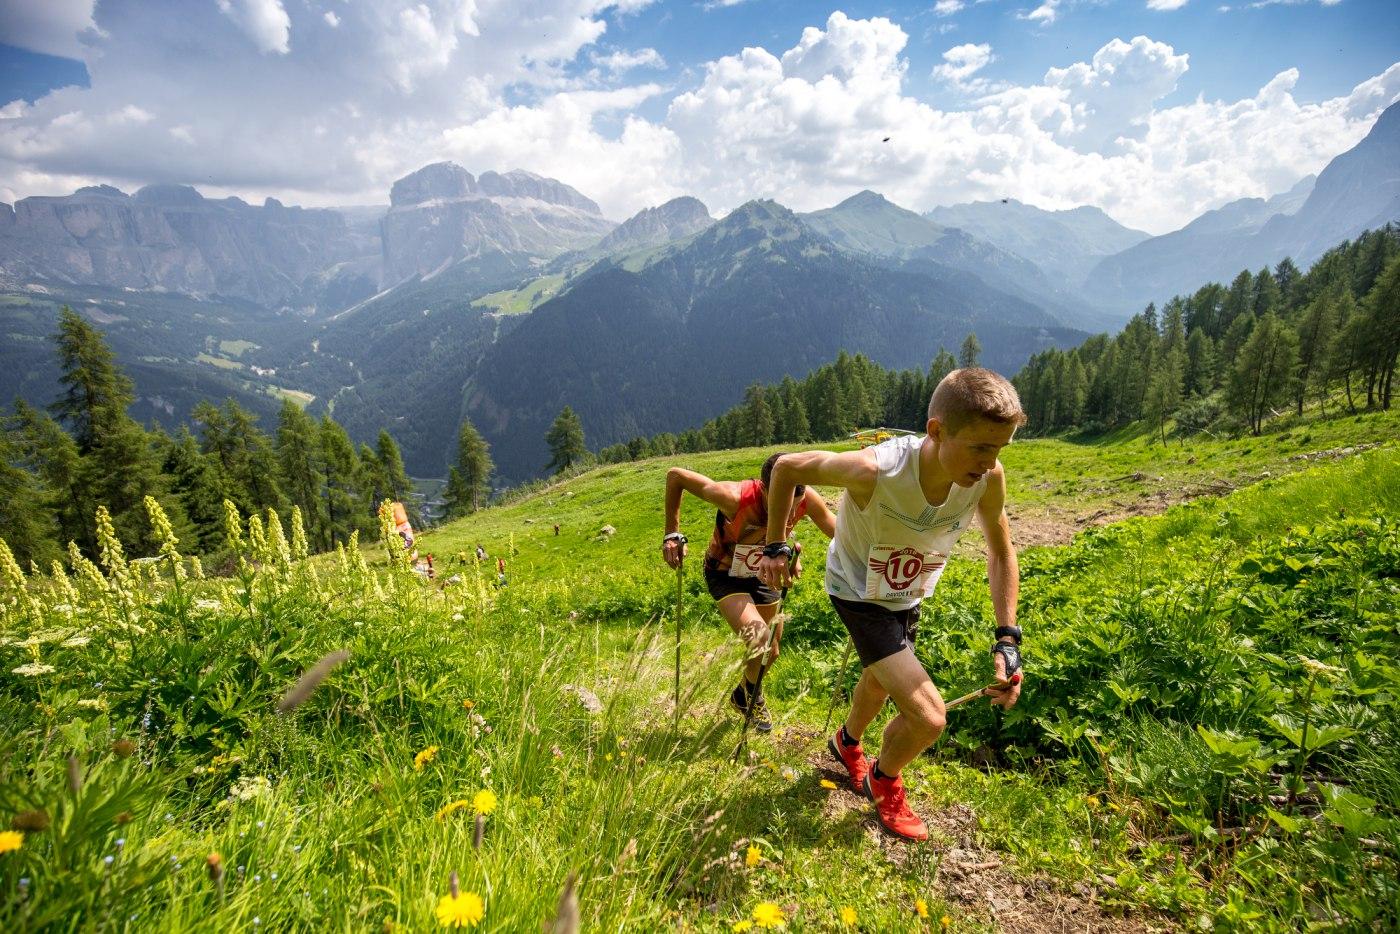 Atleti in azione alla Vertical Kilometer Crepa Neigra